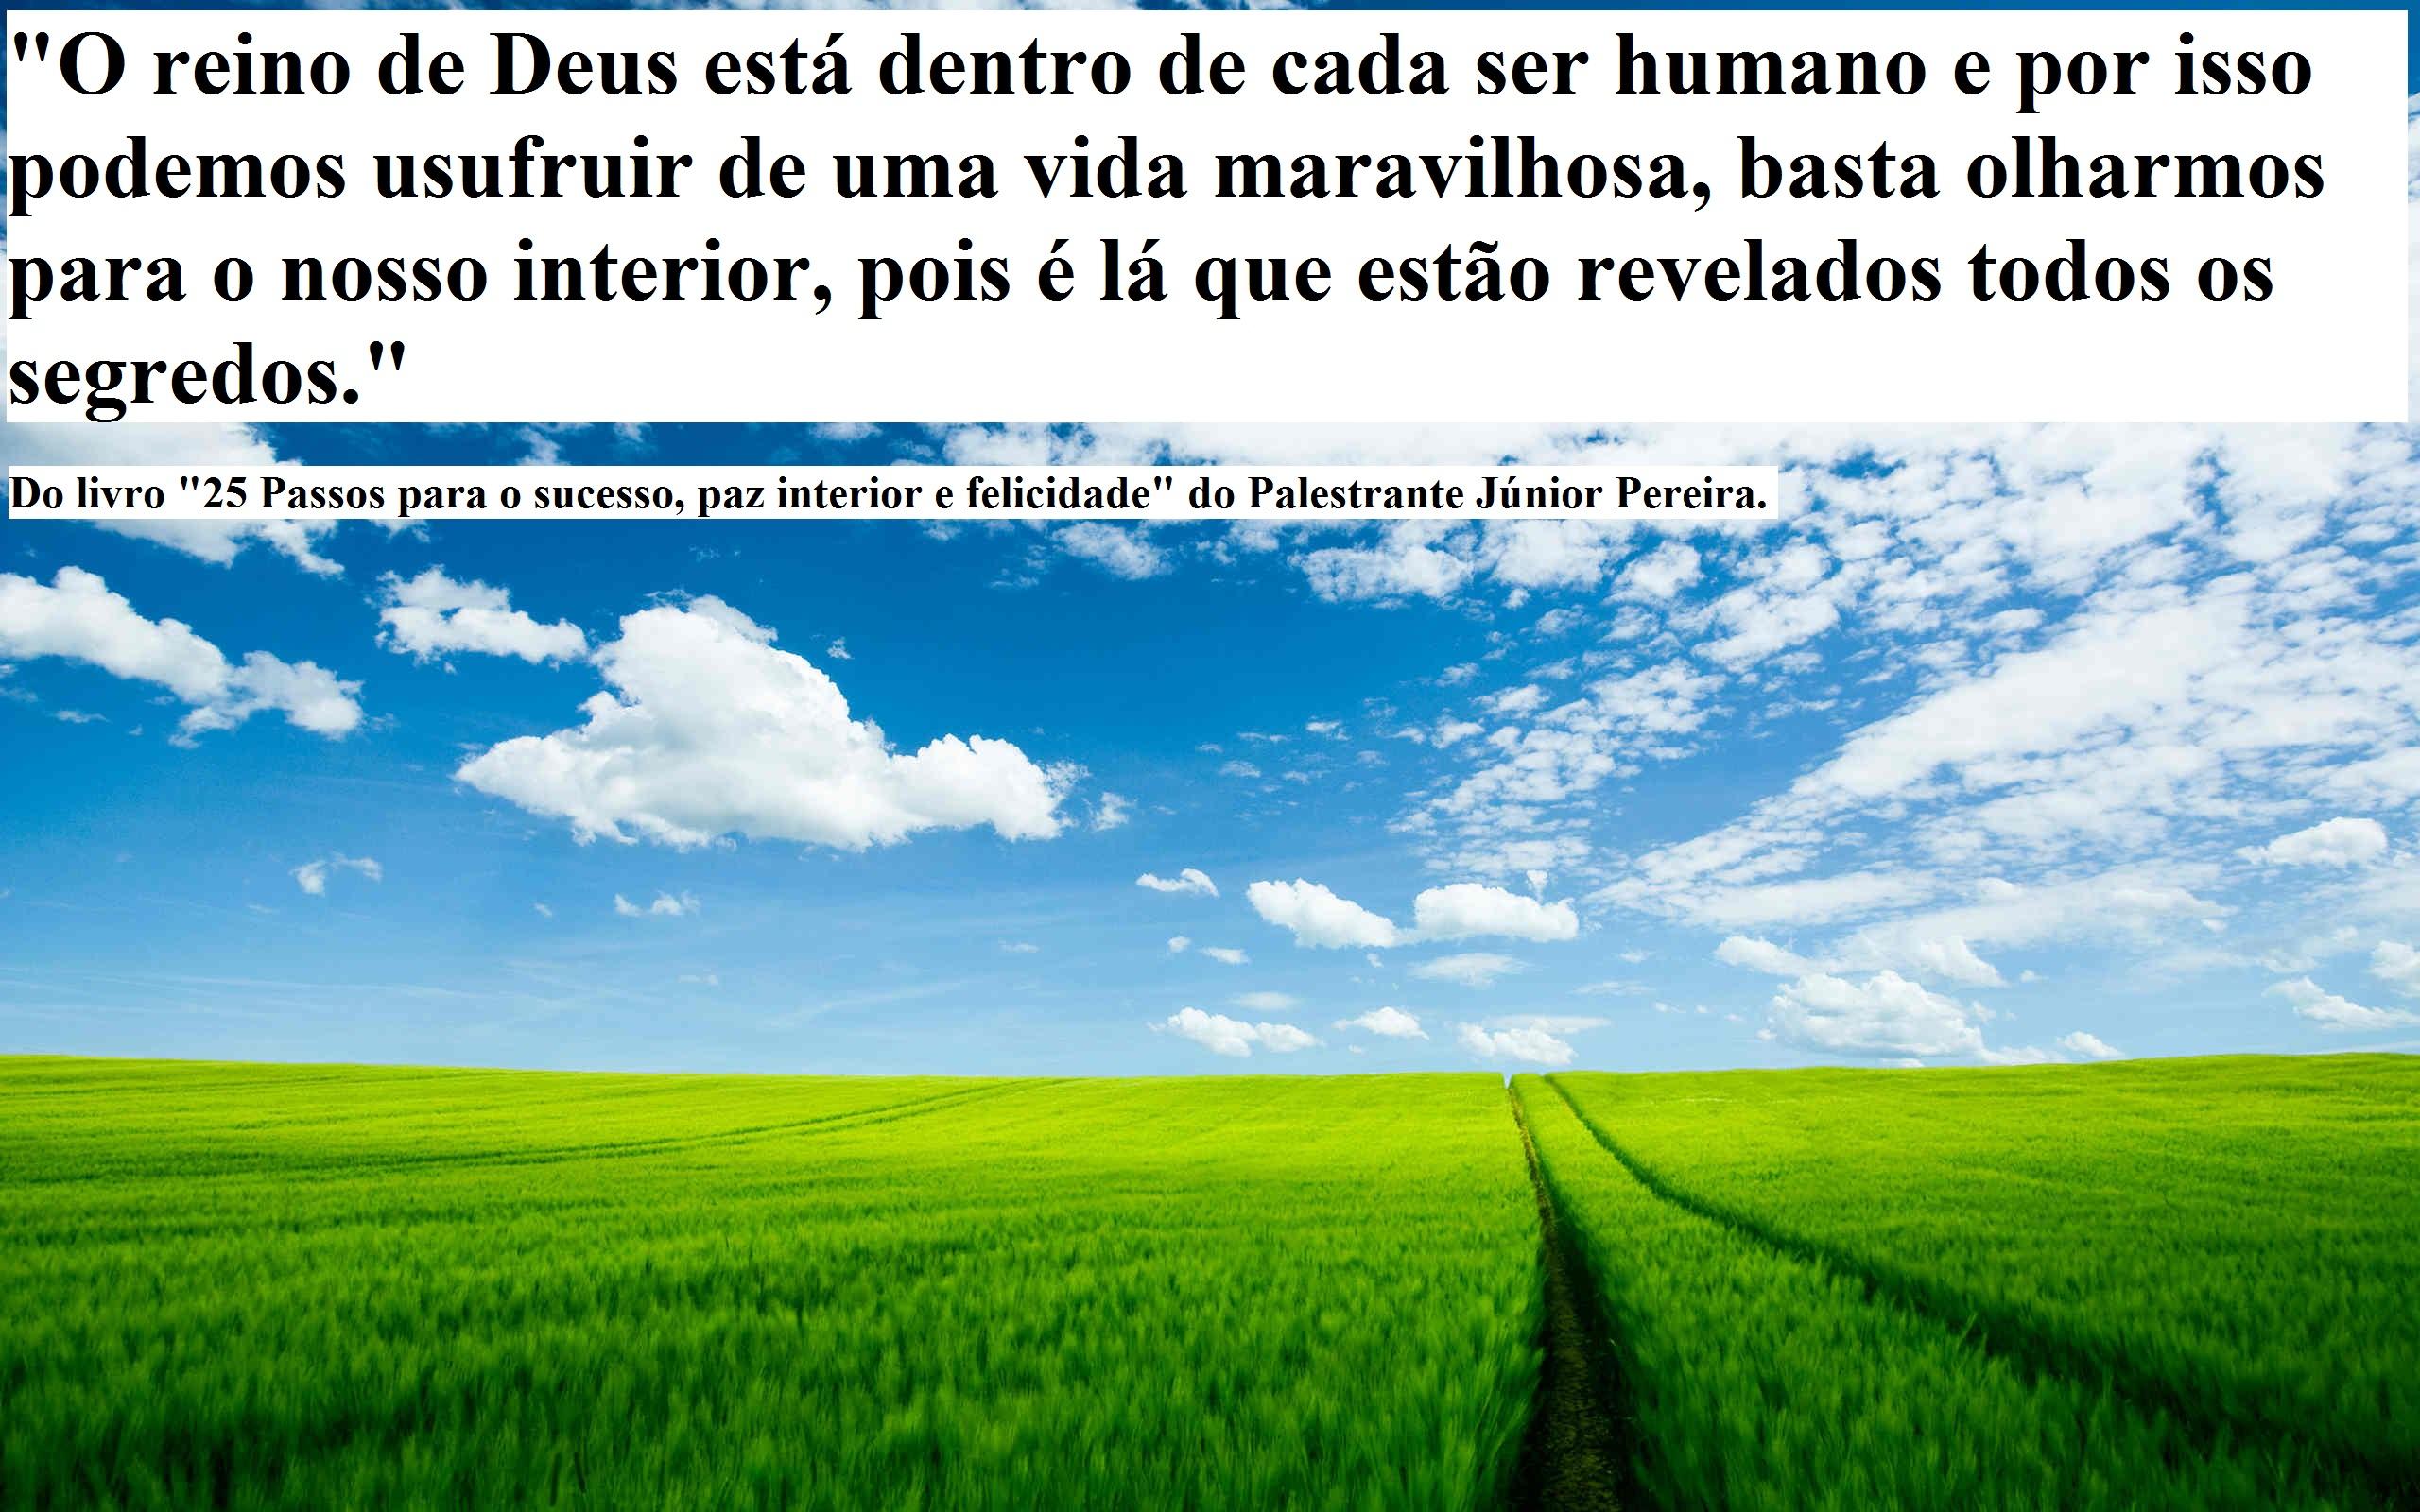 Crises Existenciais Como Vencê Las José Pereira Jr Auto Ajuda E